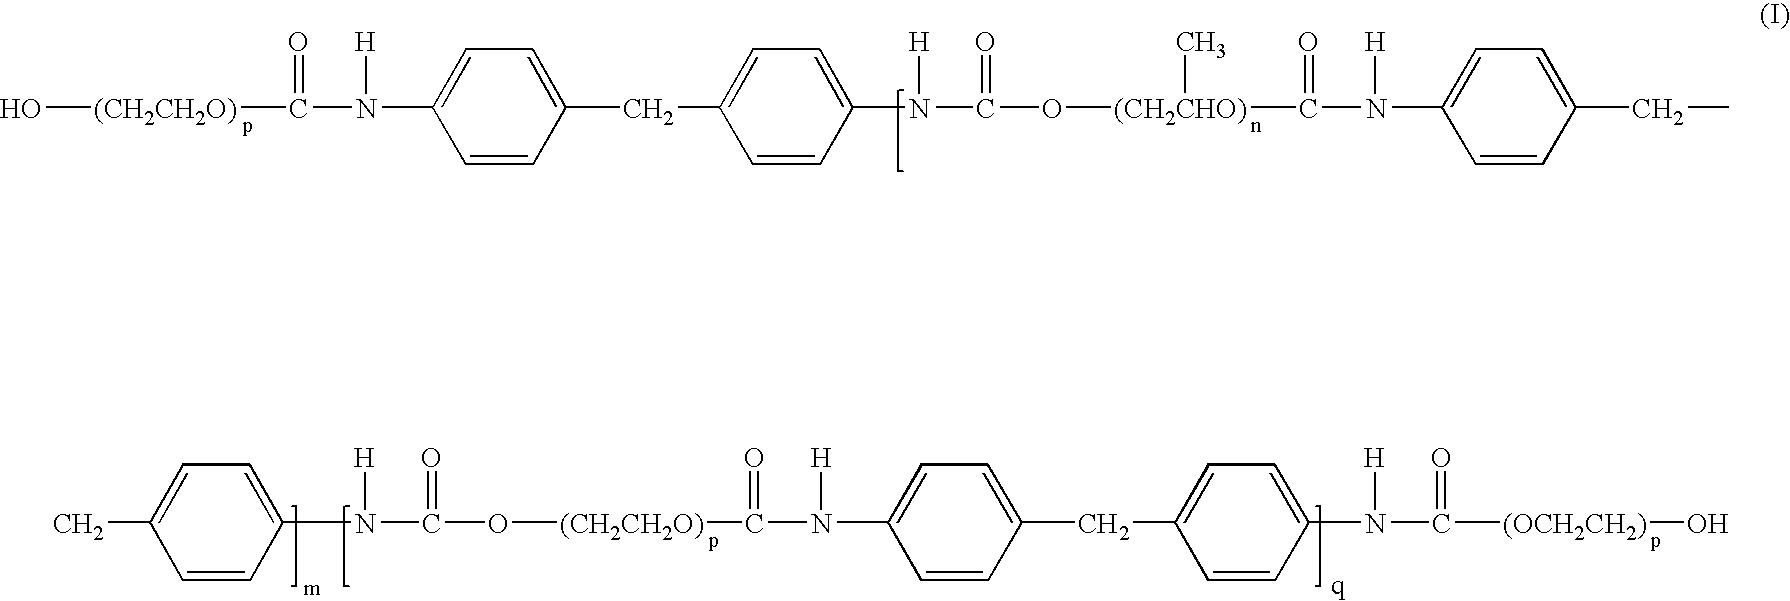 Figure US20050176893A1-20050811-C00006